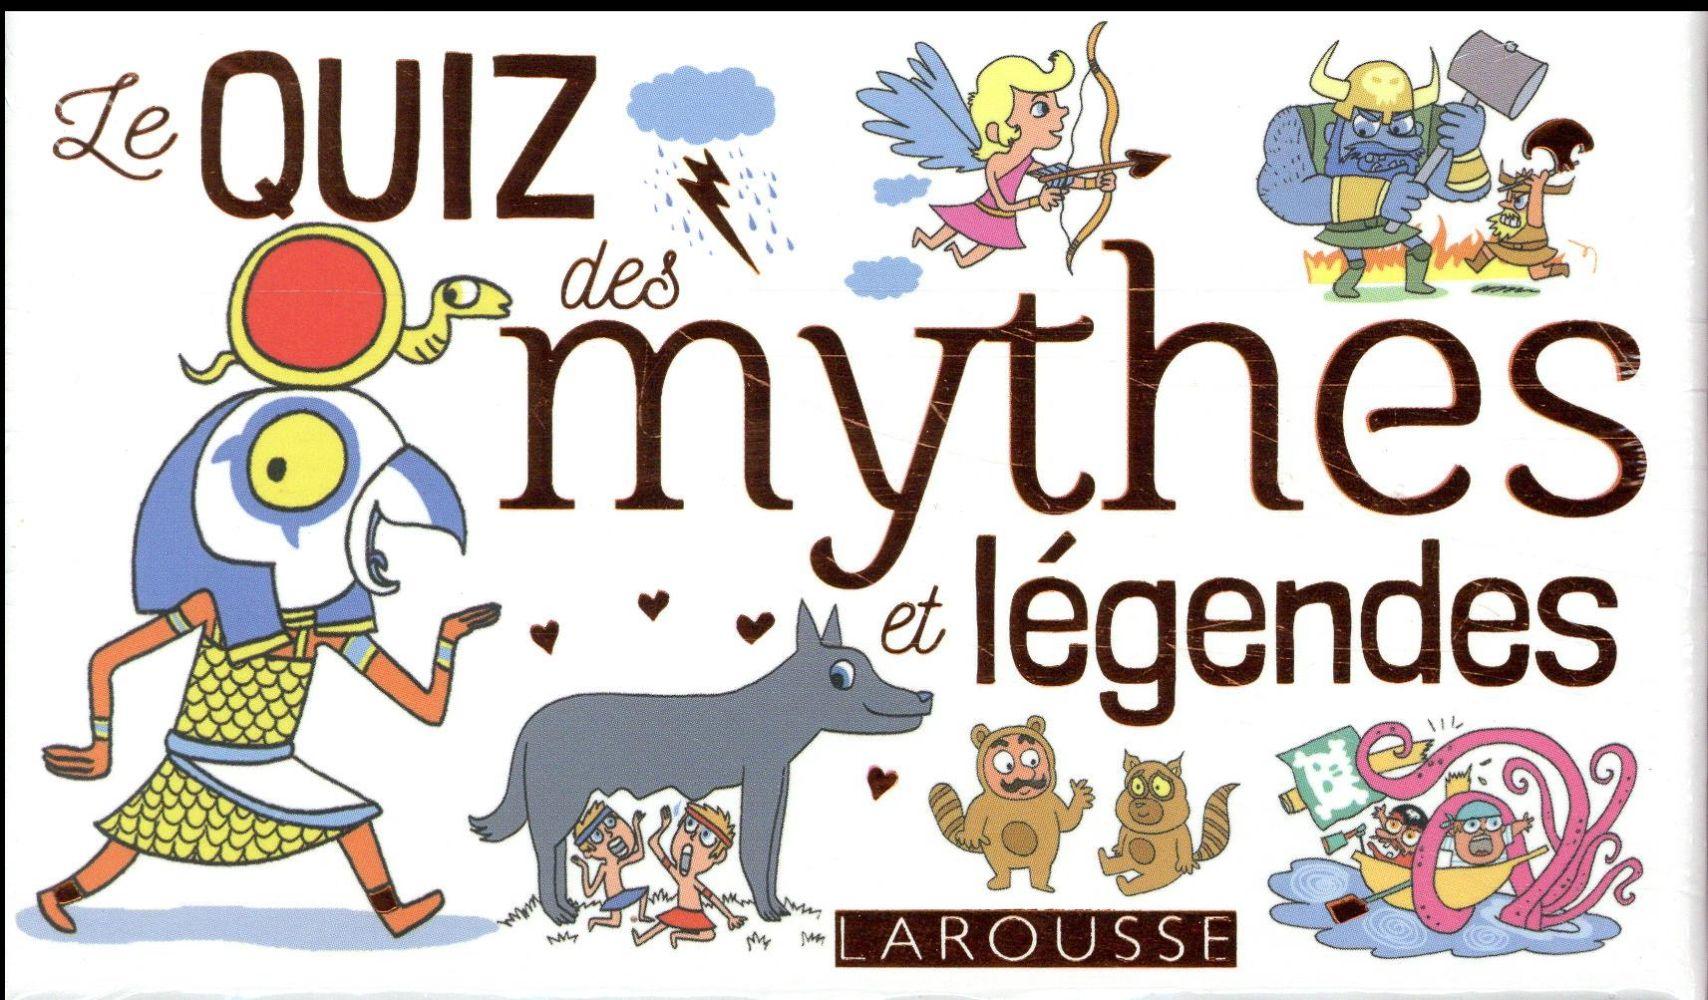 LE QUIZ DES MYTHES ET LEGENDES